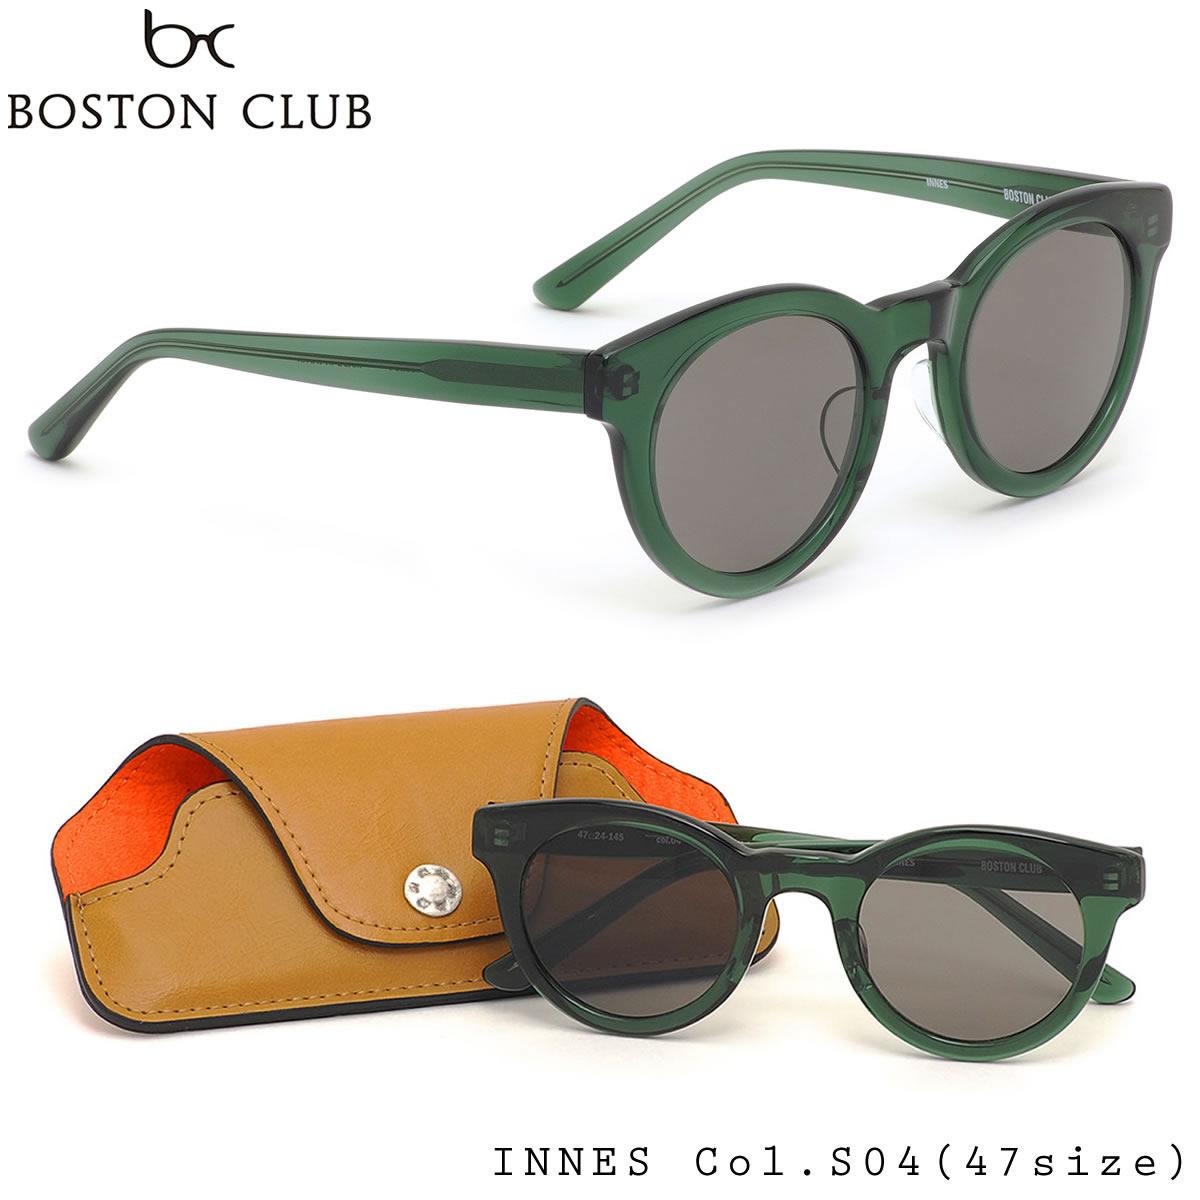 ポイント最大33倍 ボストンクラブ BOSTON CLUB サングラスINNES S04 47サイズ日本製 フラットレンズボストンクラブ BOSTONCLUB メンズ レディース